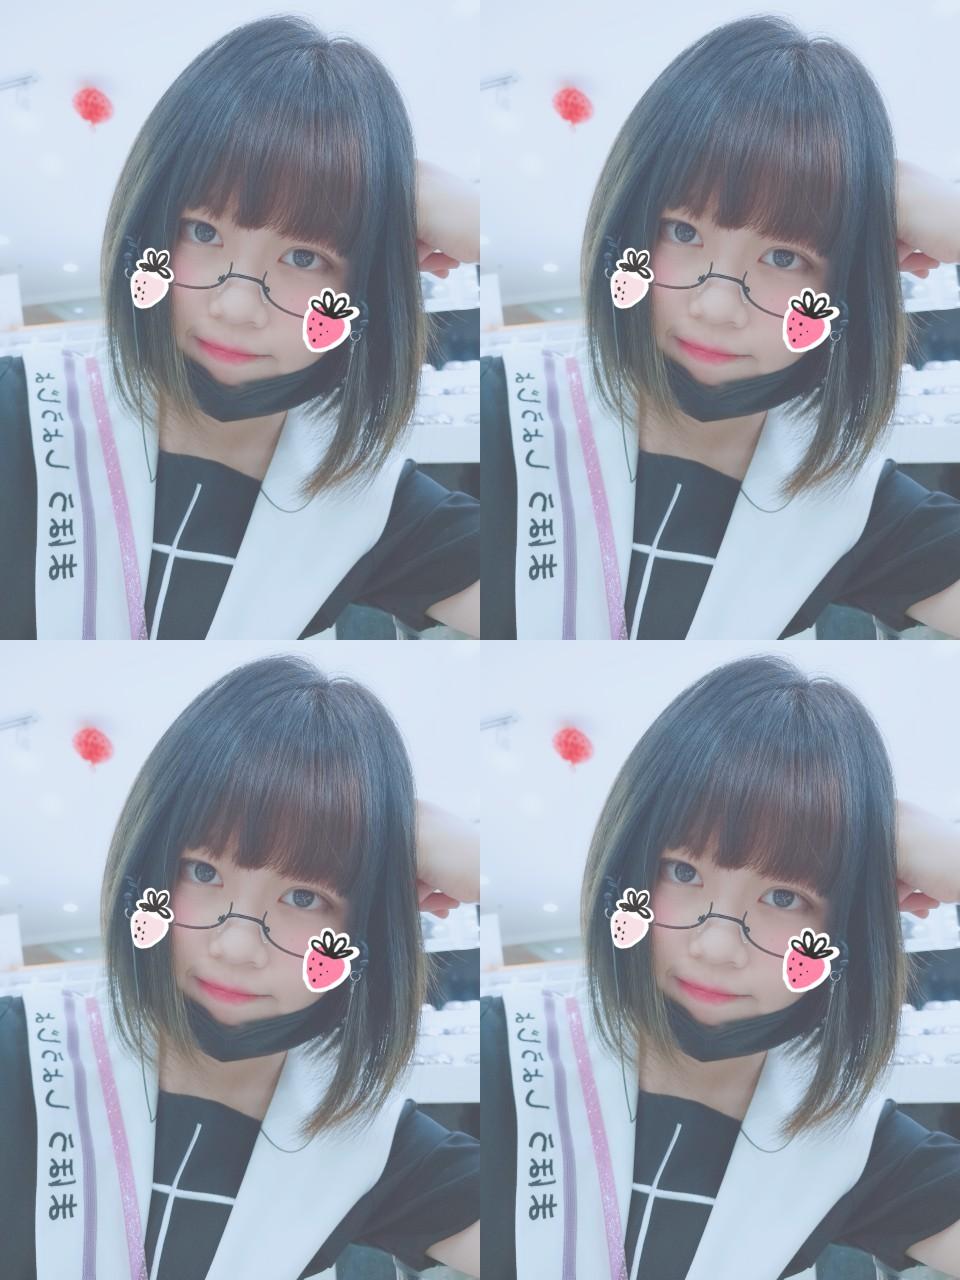 眼镜太可爱辣!